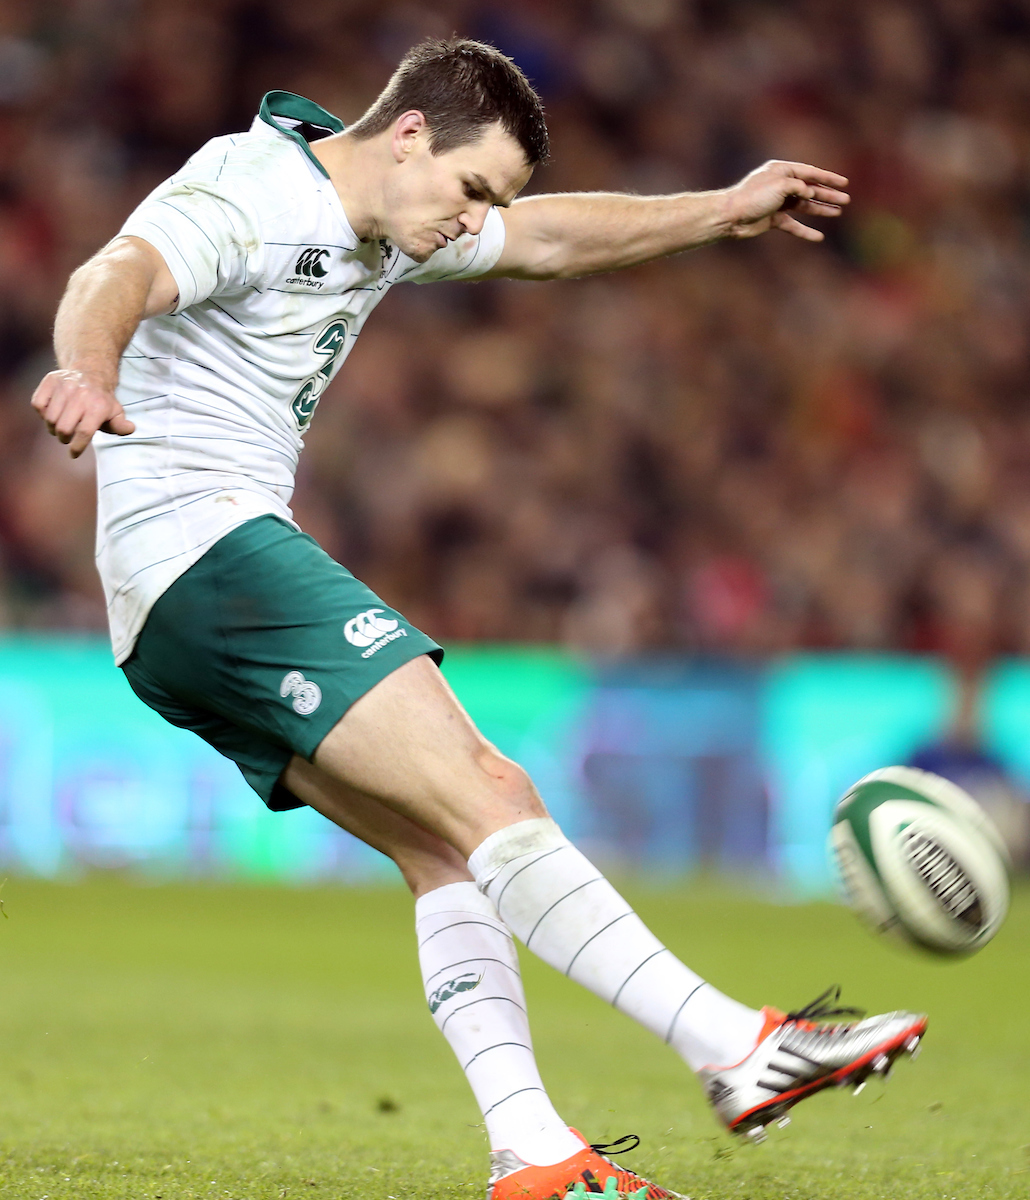 Jonathan Sexton of of Ireland